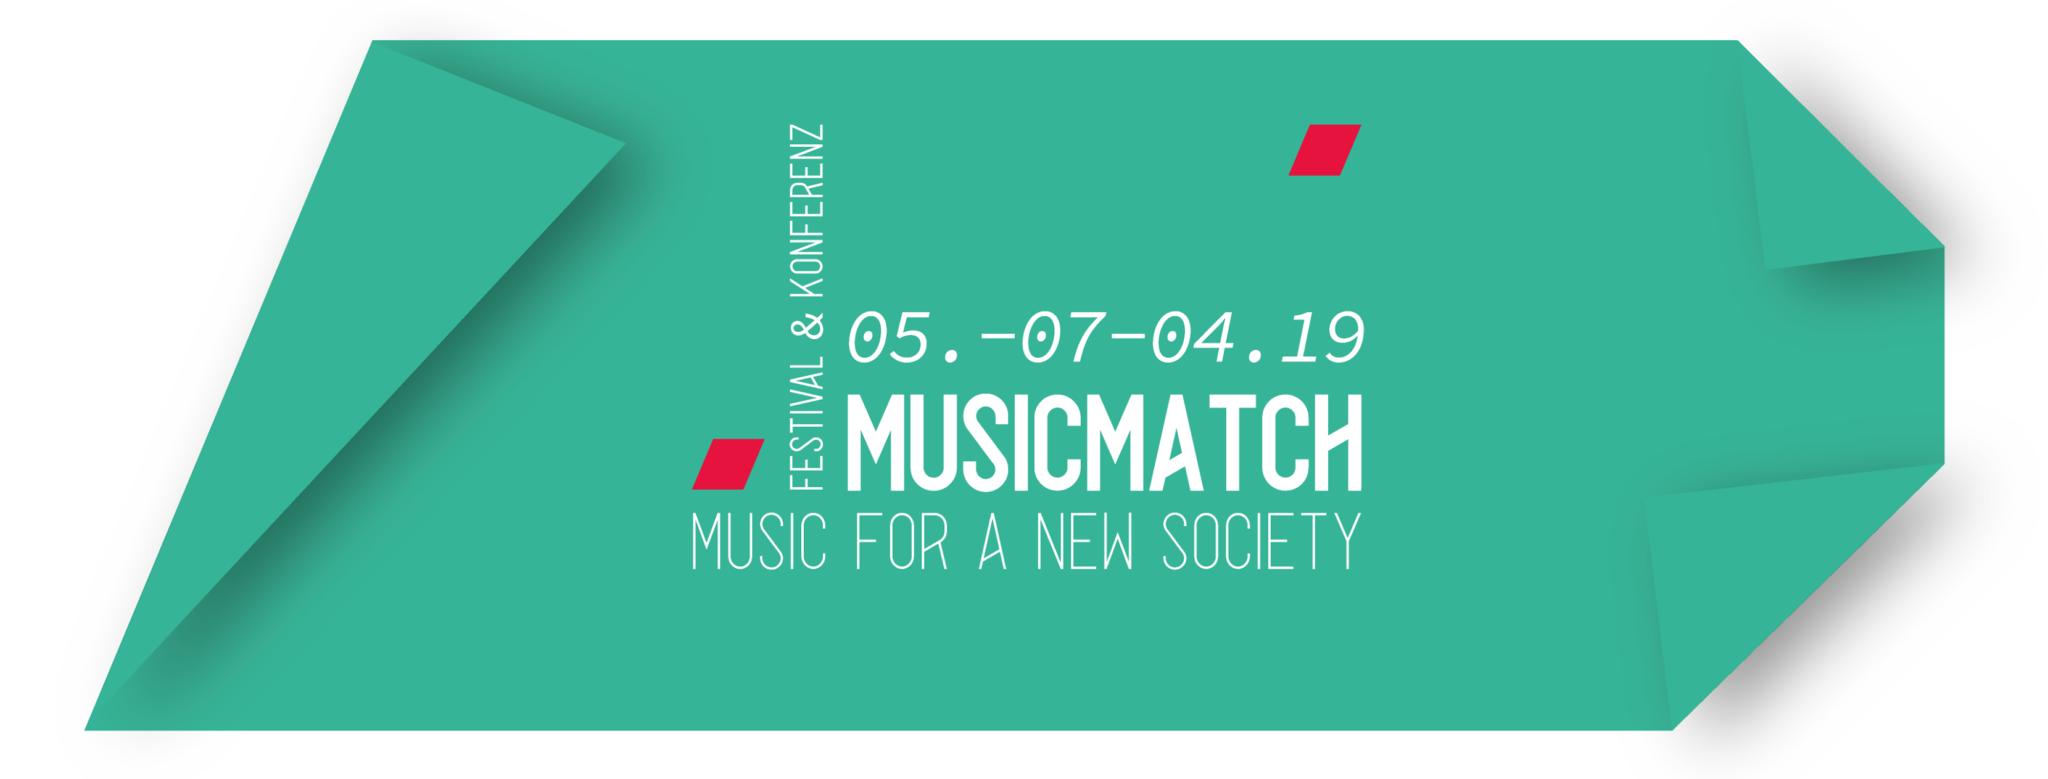 MusicMatch Konferenz 2019